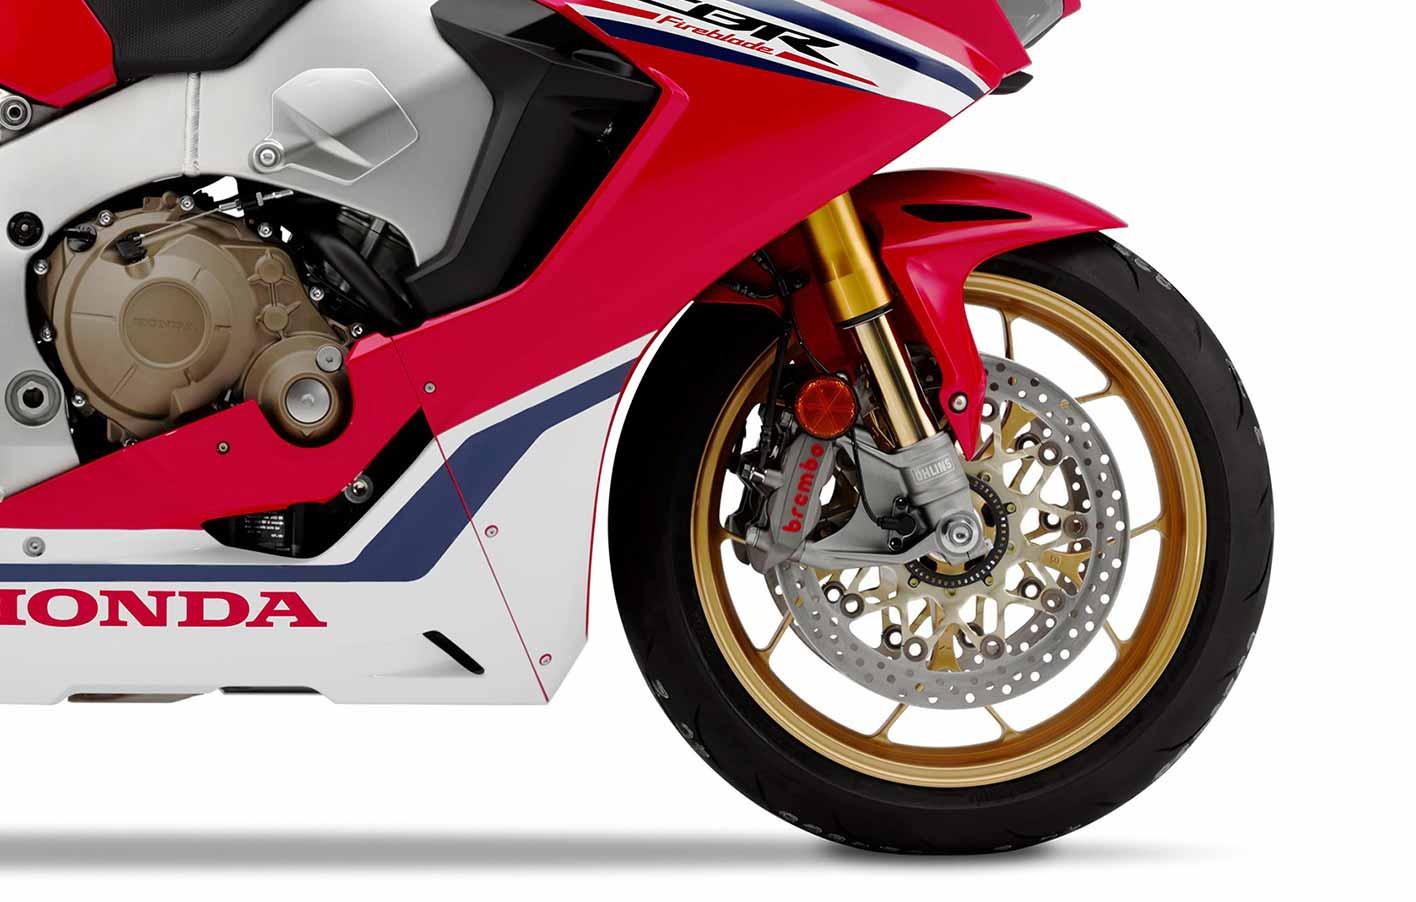 1ª moto Honda equipada com suspensão dianteira e traseira Öhlins S-EC, um garfo NIX30 de 43 mmØ e um amortecedor TTX36.